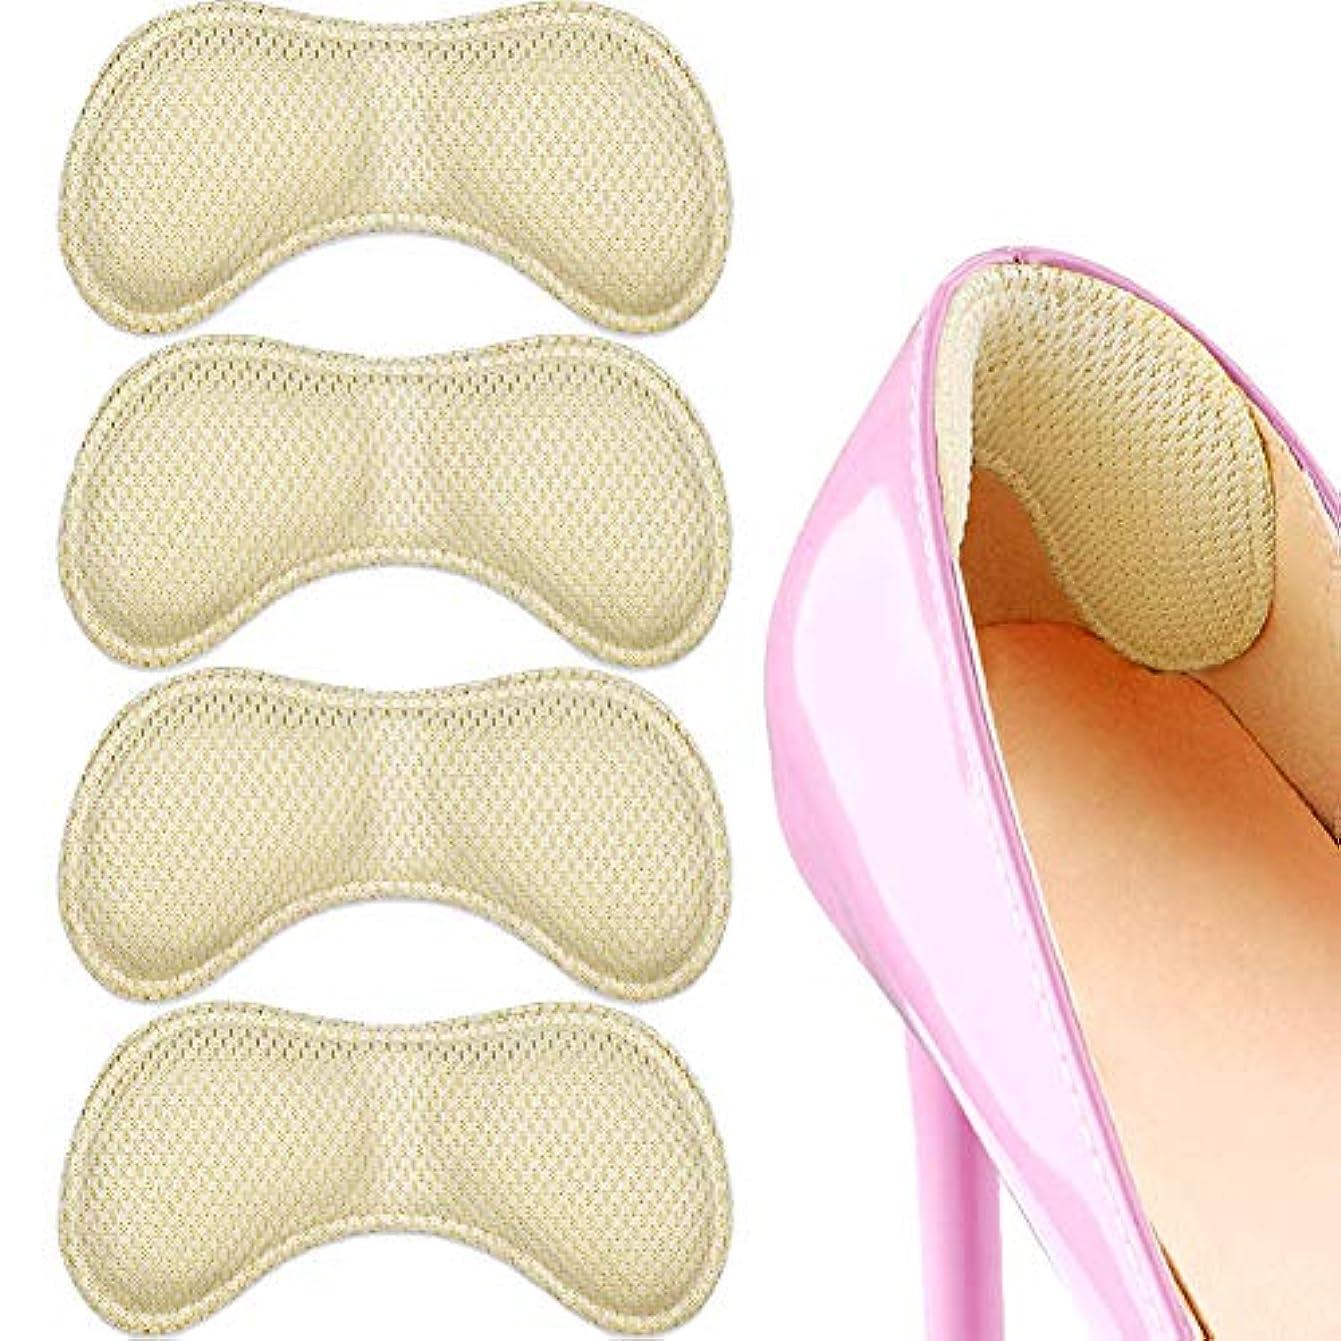 バラ色社会科セーブZAYAR 靴擦れ防止パッド 靴ずれ防止 かかとパッド パカパカ防止 柔らか 2足セット